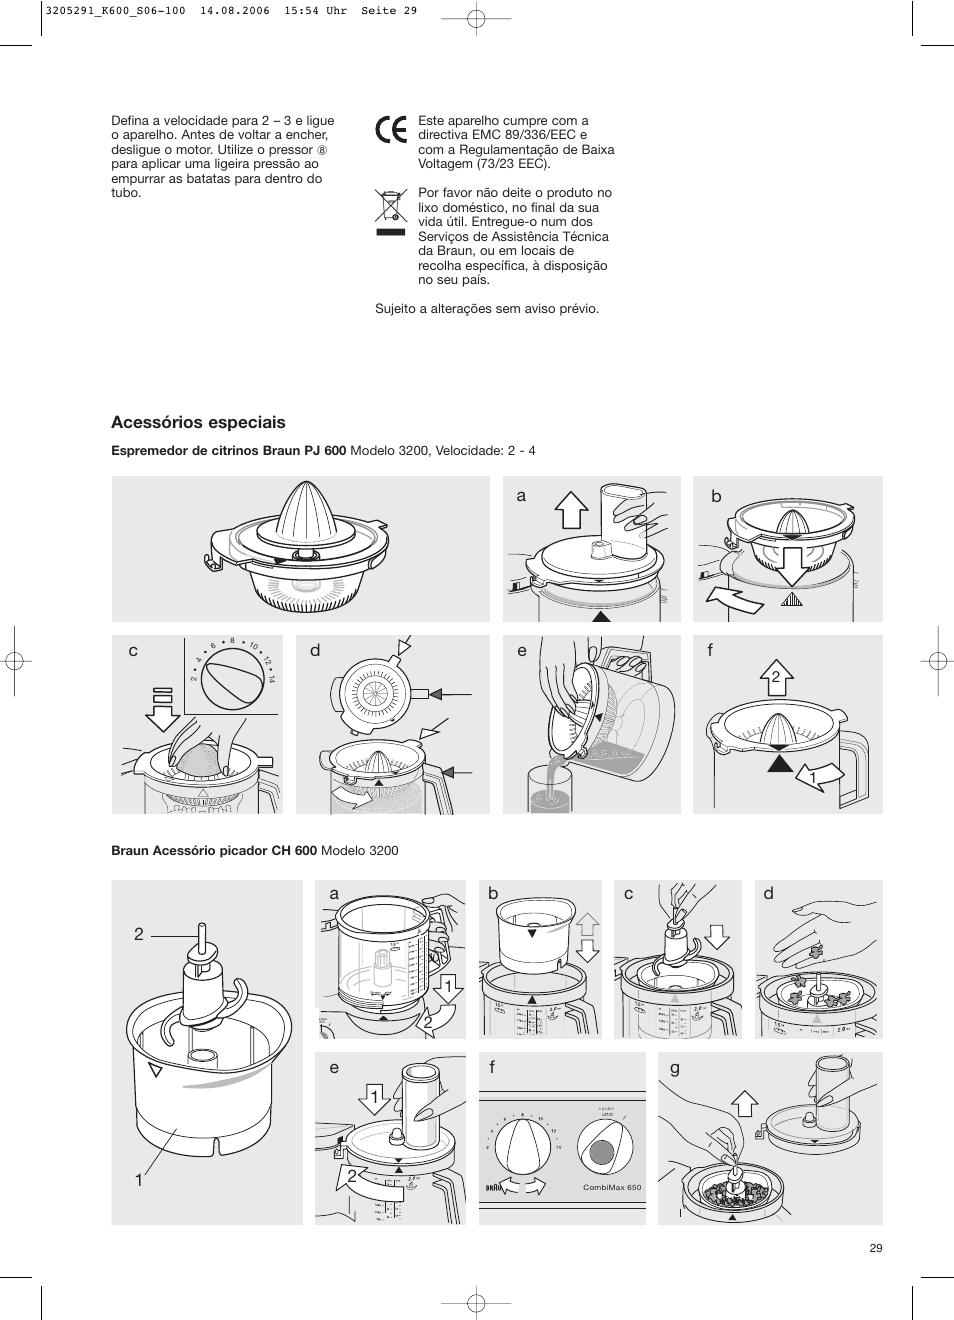 Braun User Manual Data Wiring Diagrams